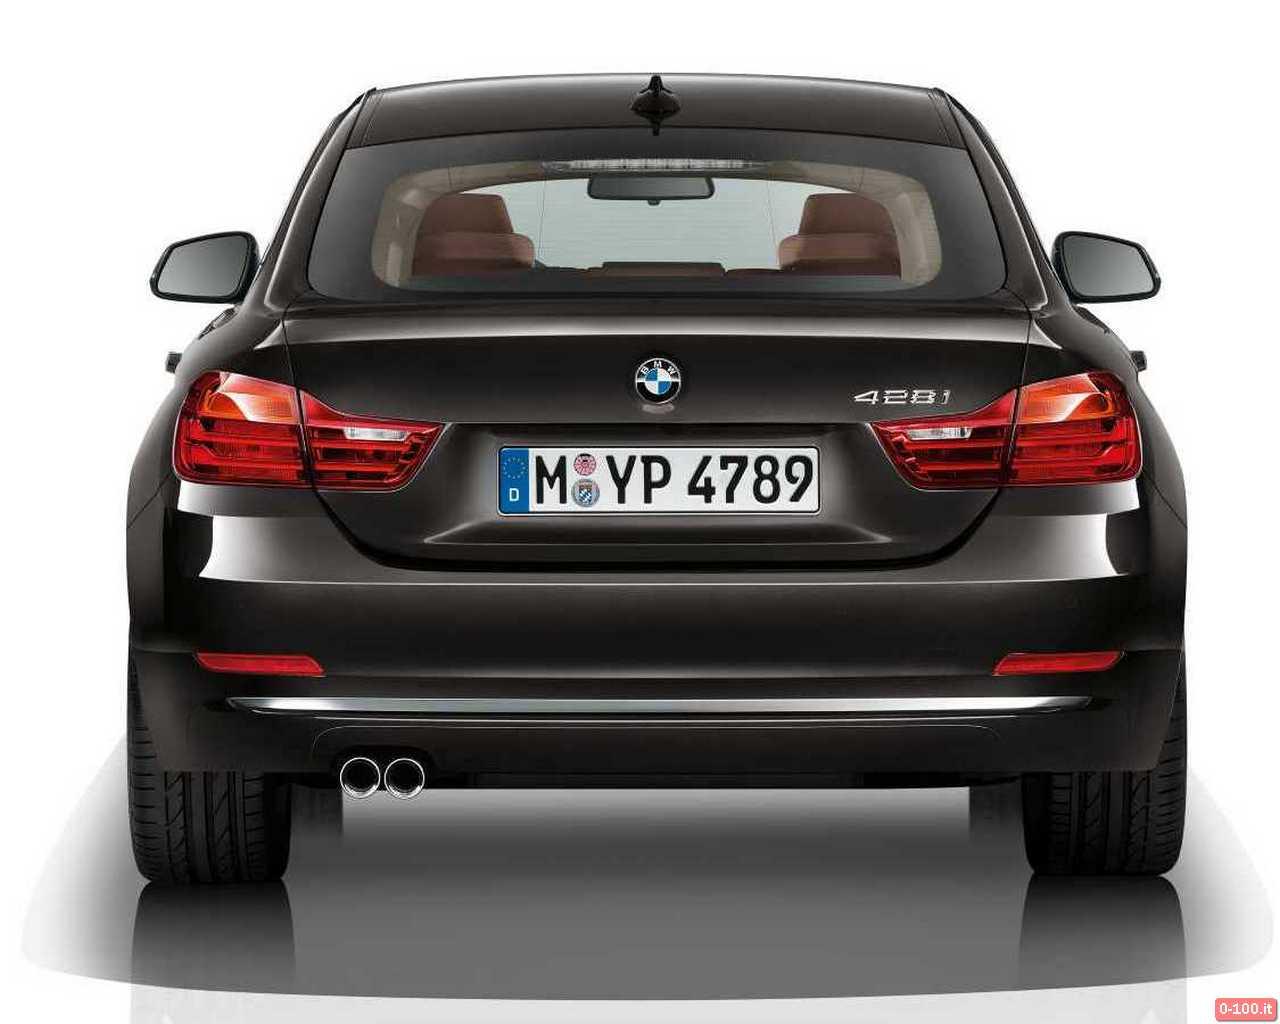 bmw-serie-4-gran-coupe-prezzo-price-ginevra-geneve-2014-0-100_109